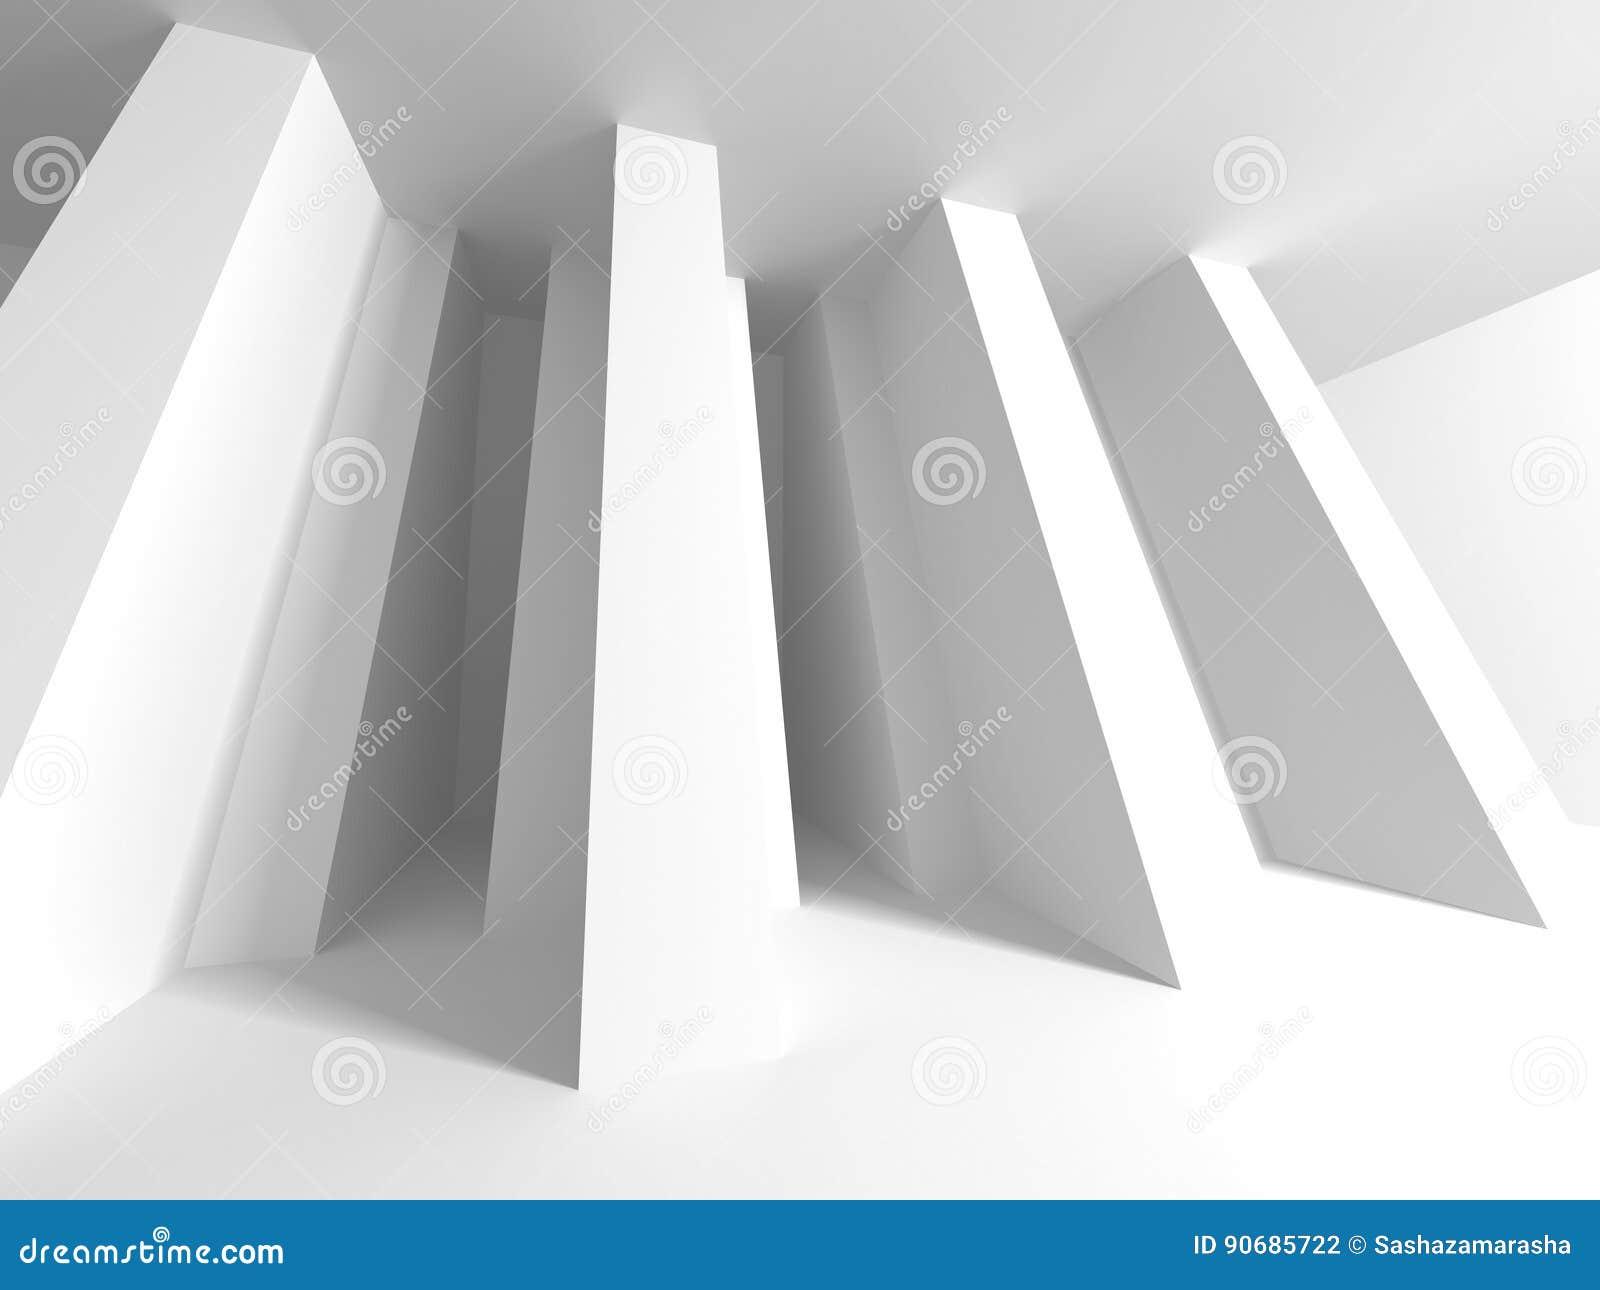 Architecture Design Background futuristic white architecture design background stock illustration